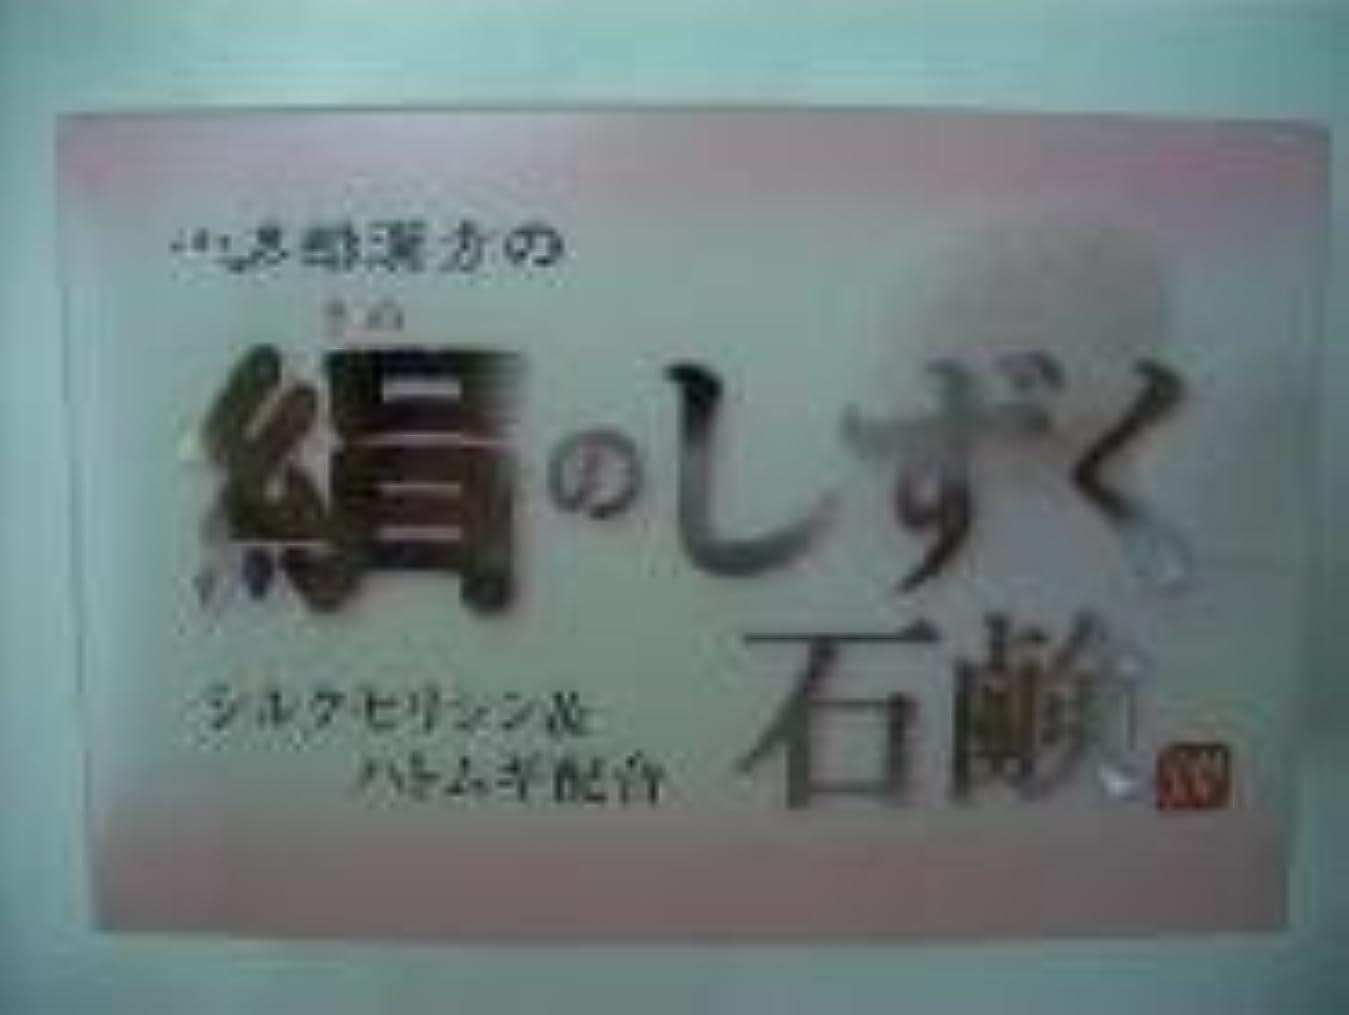 続編ミュウミュウ戦士絹のしずく石鹸 コタロー80g4個